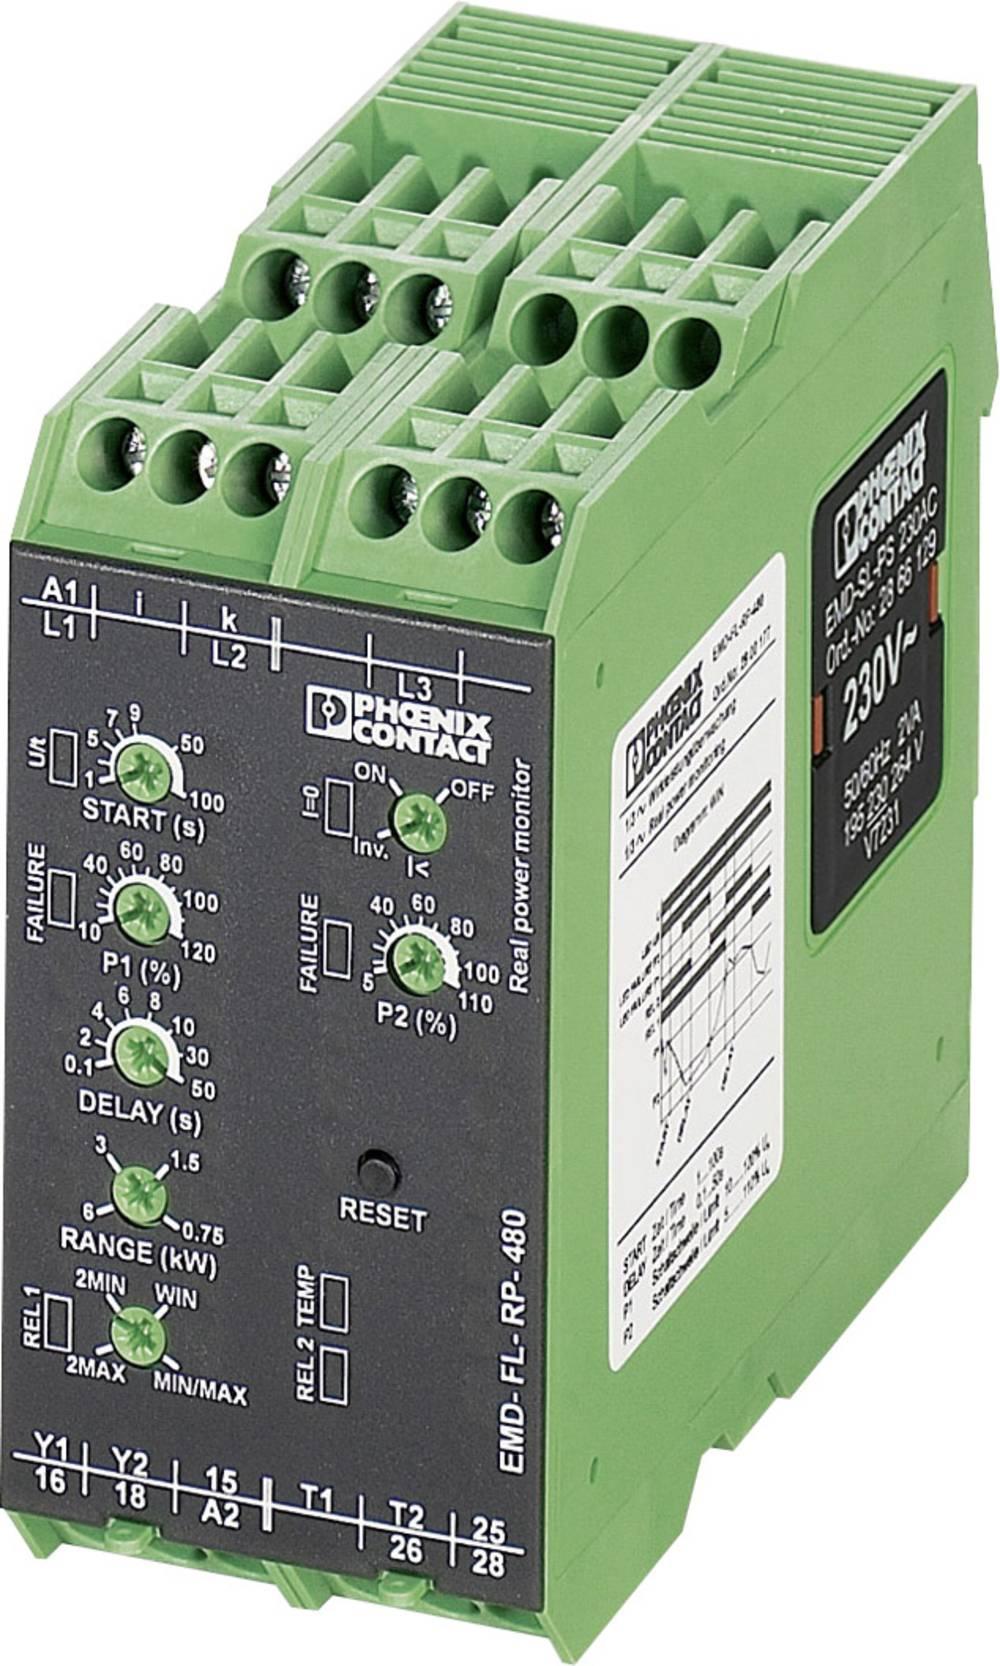 Nadzorni rele 2 izmenjevalnika 1 kos Phoenix Contact EMD-FL-RP-480 1-fazni, 3-fazni, podobremenilni, nad-obremenilni, pomnilnik